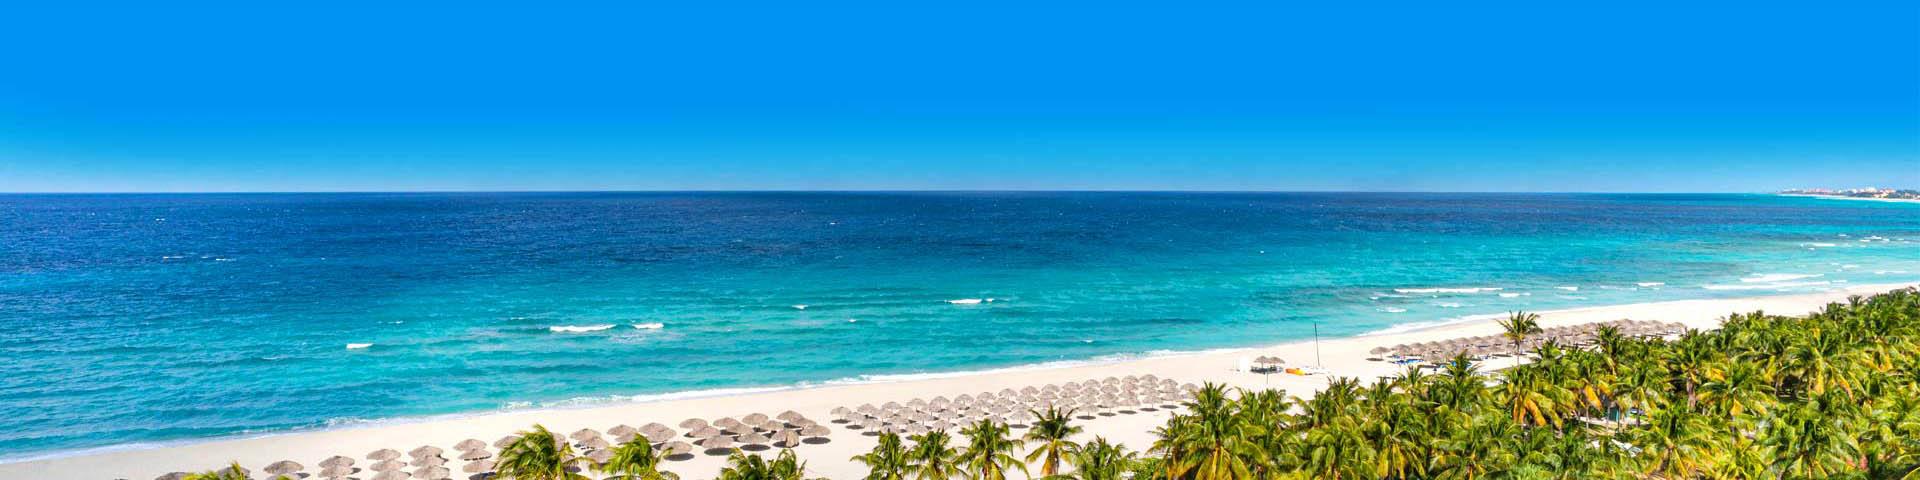 Uitzicht over palmbomen, wit zandstrand met rieten parasols en een helderblauwe zee op Cuba